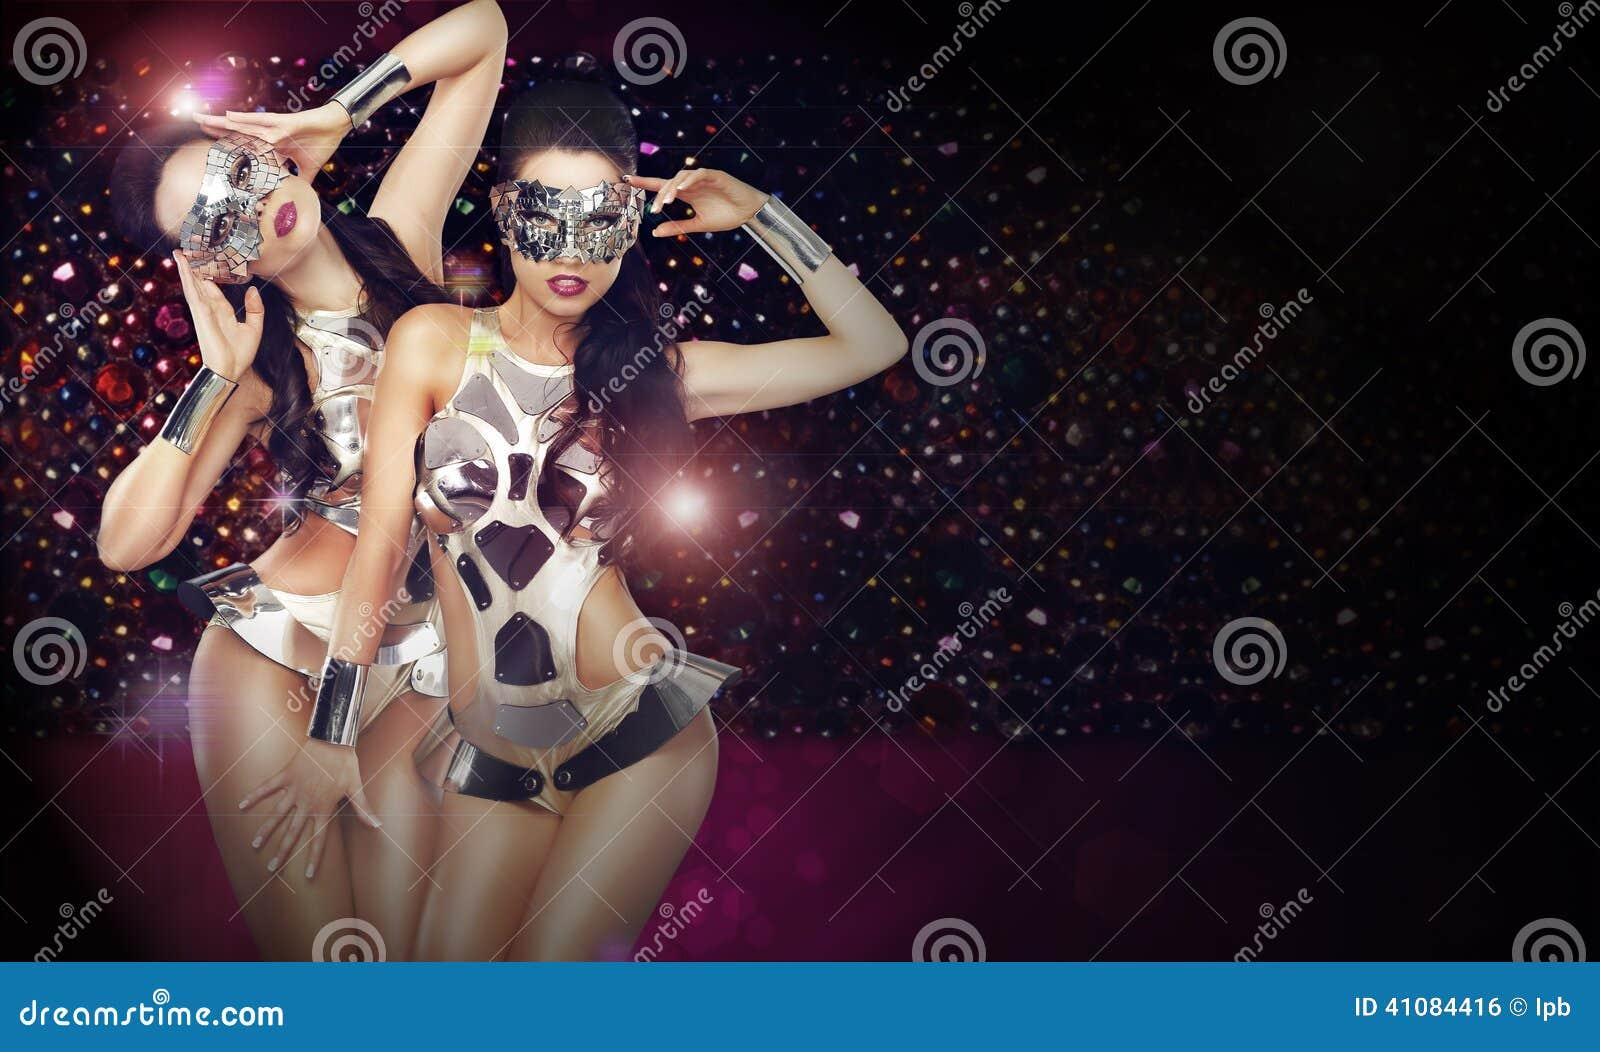 Секс на диско клуб 9 фотография